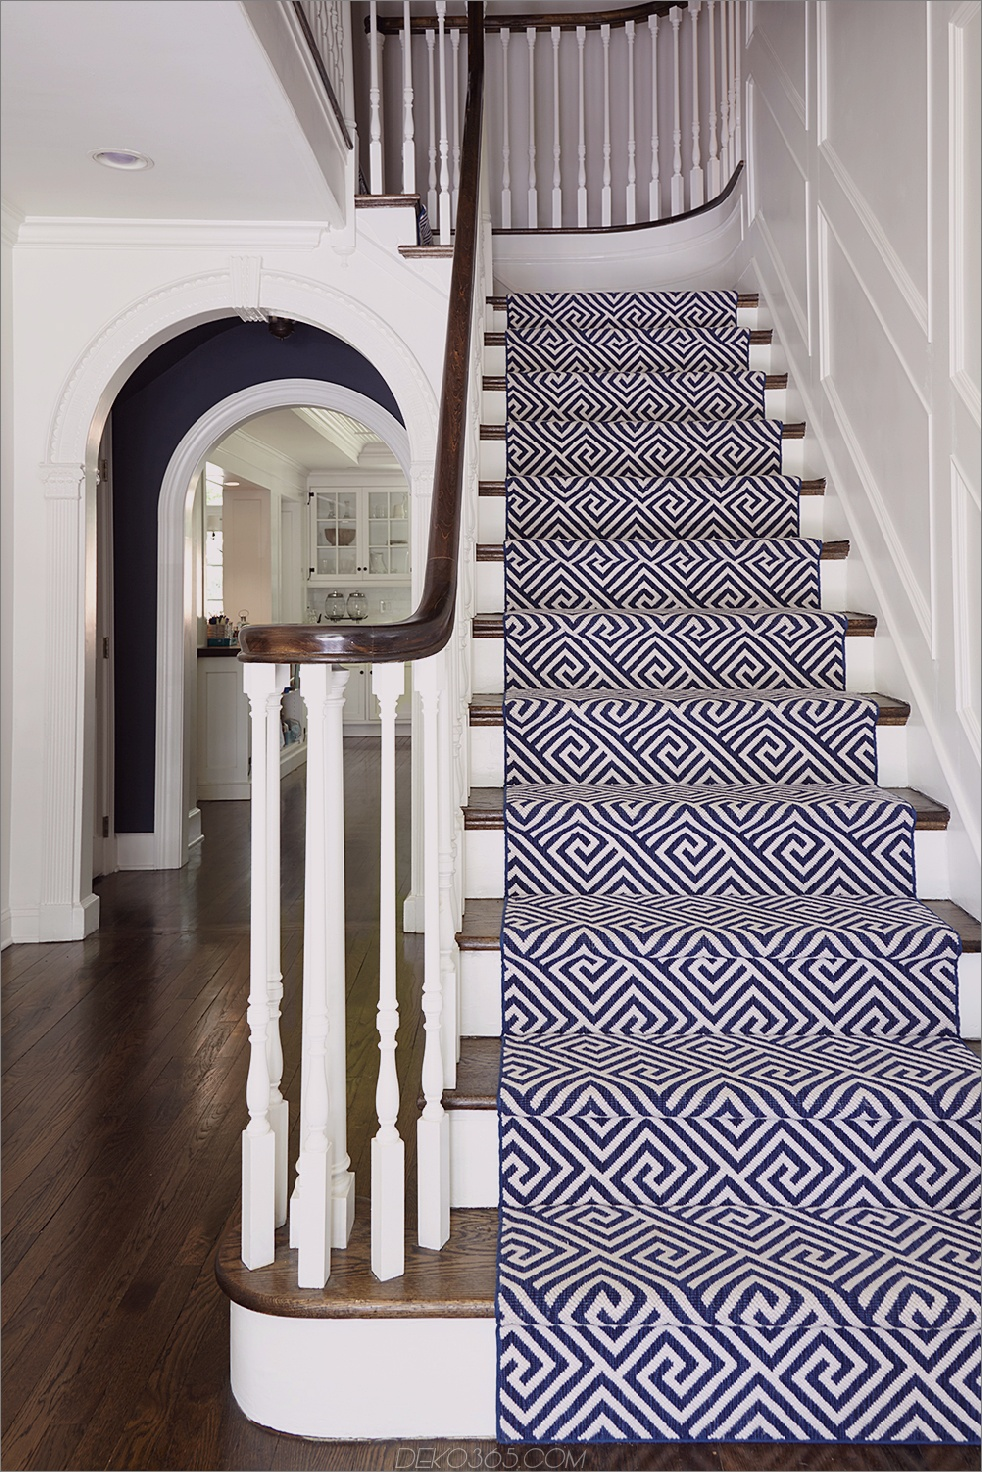 10 kreative Möglichkeiten zur Aktualisierung Ihrer Treppe_5c58bafd27142.jpg